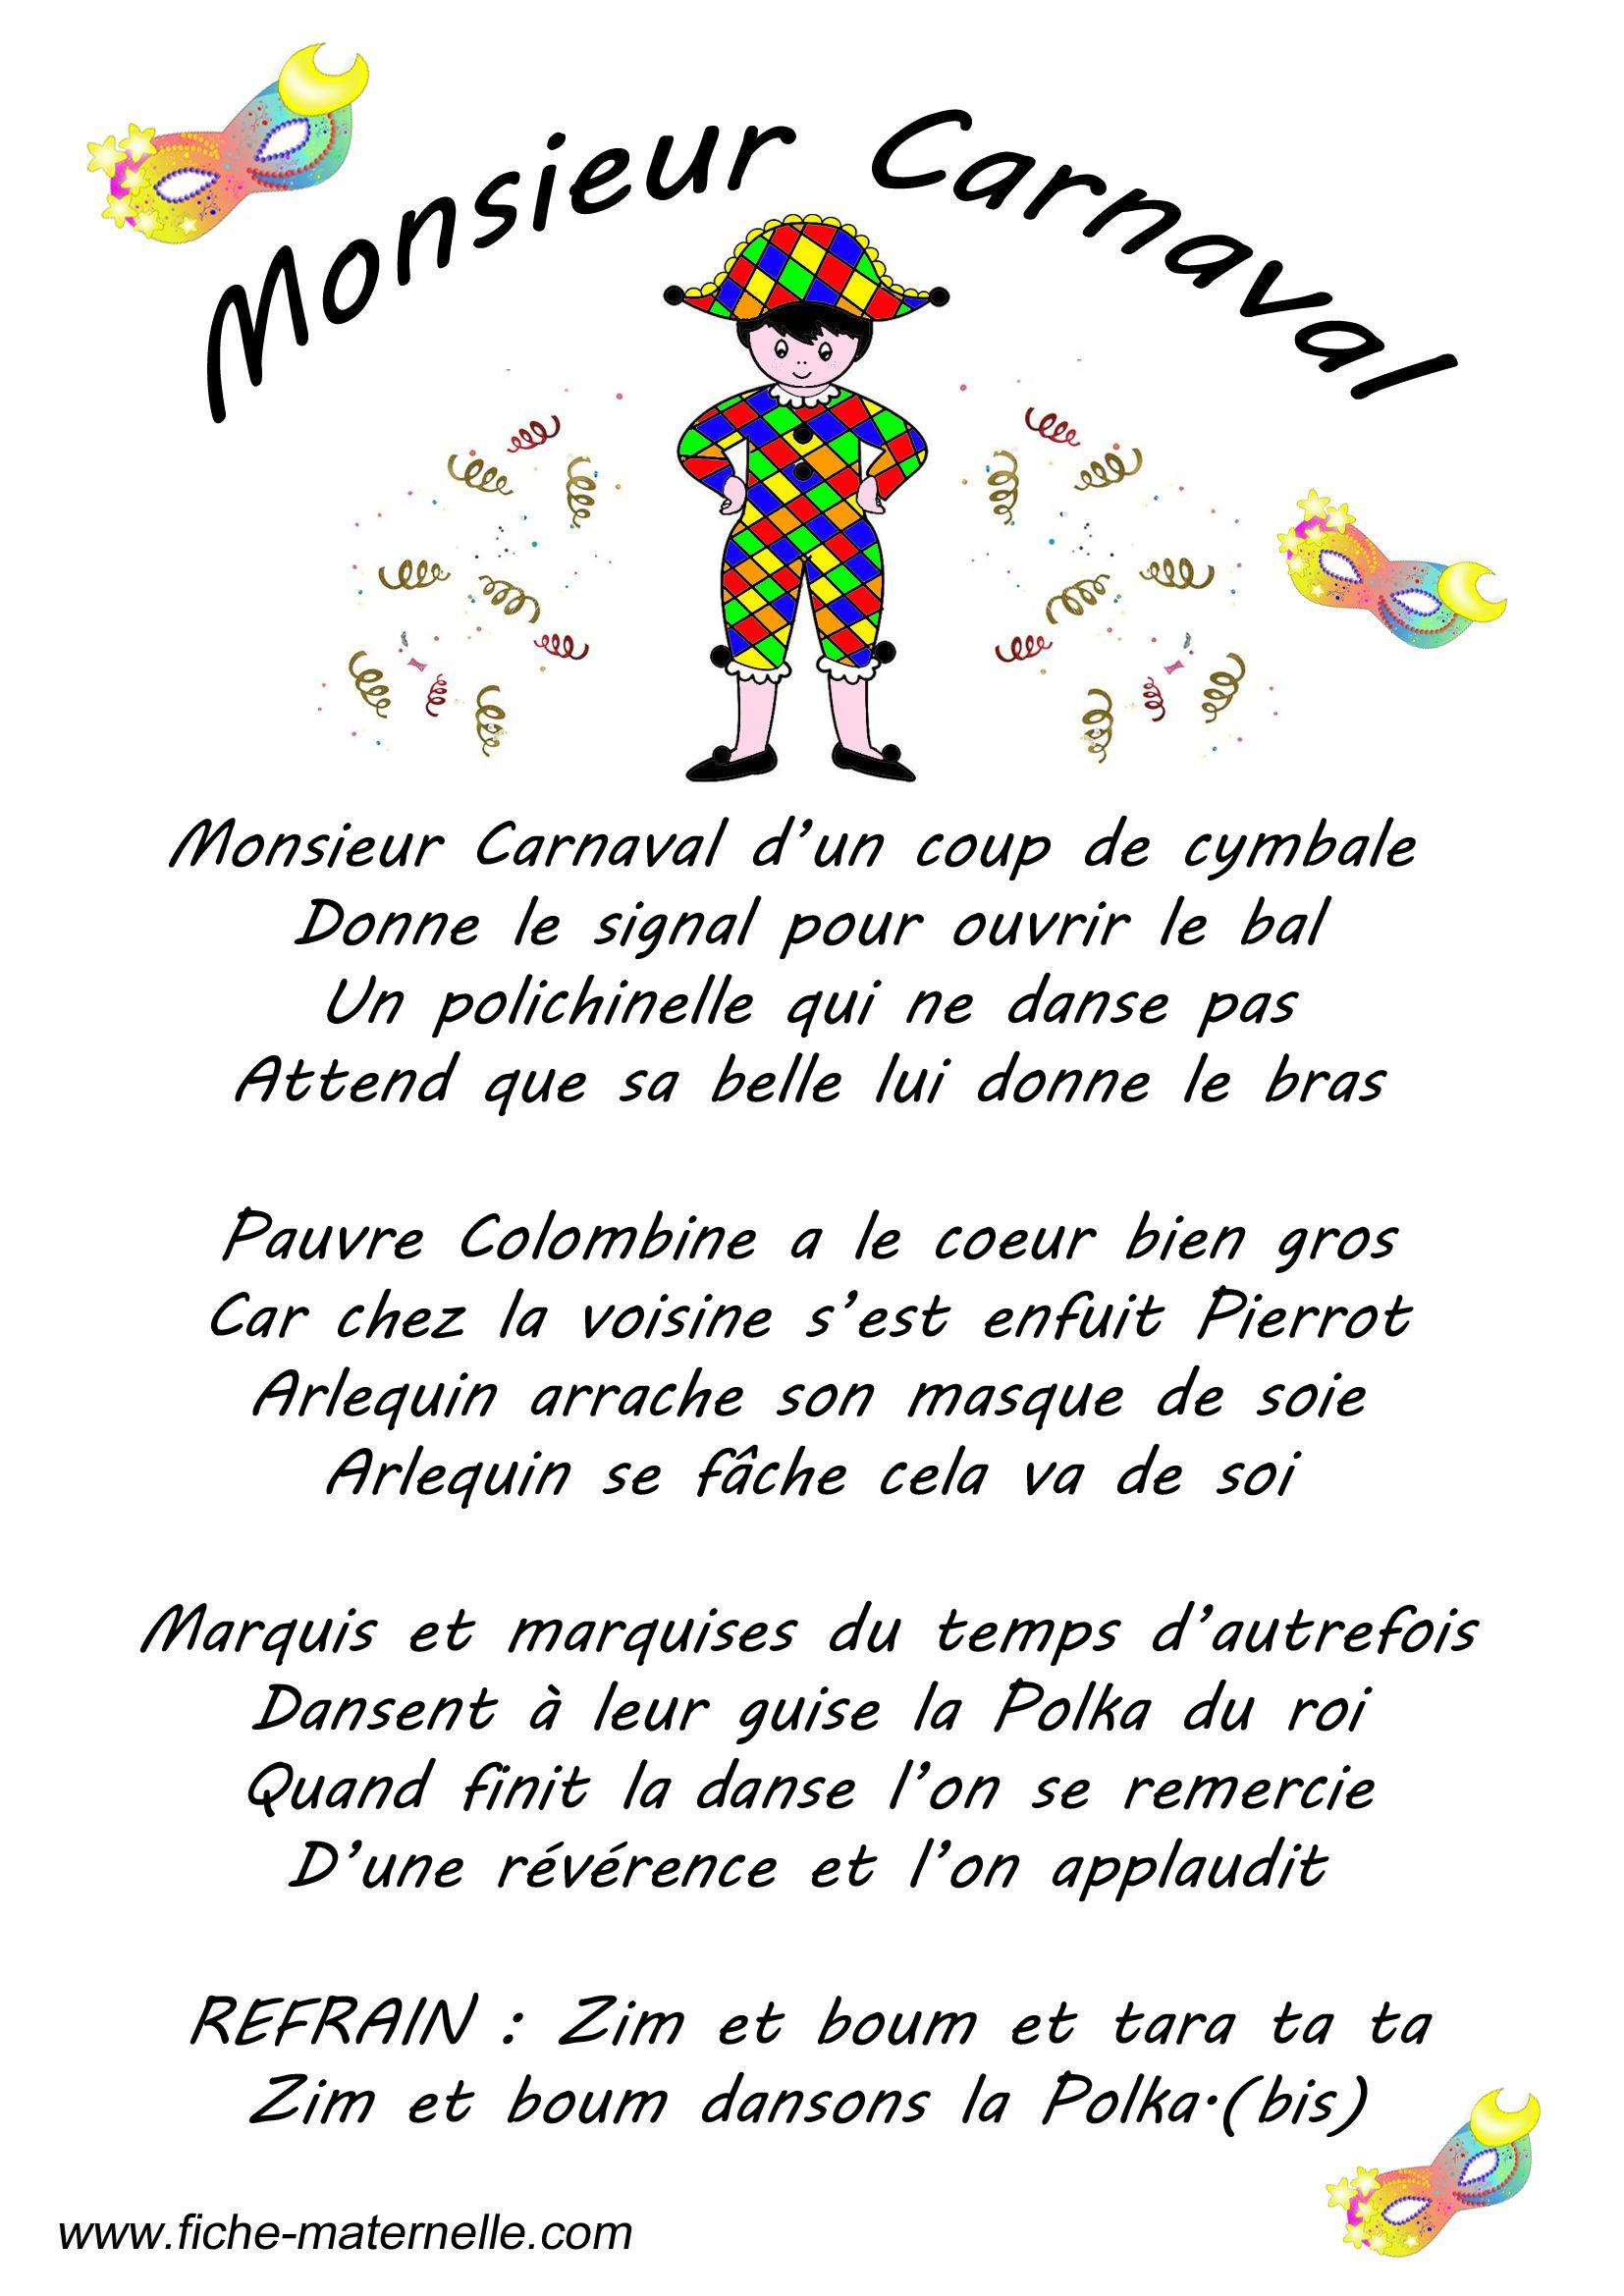 Paroles D'une Chanson Sur Le Thème Du Carnaval : Monsieur